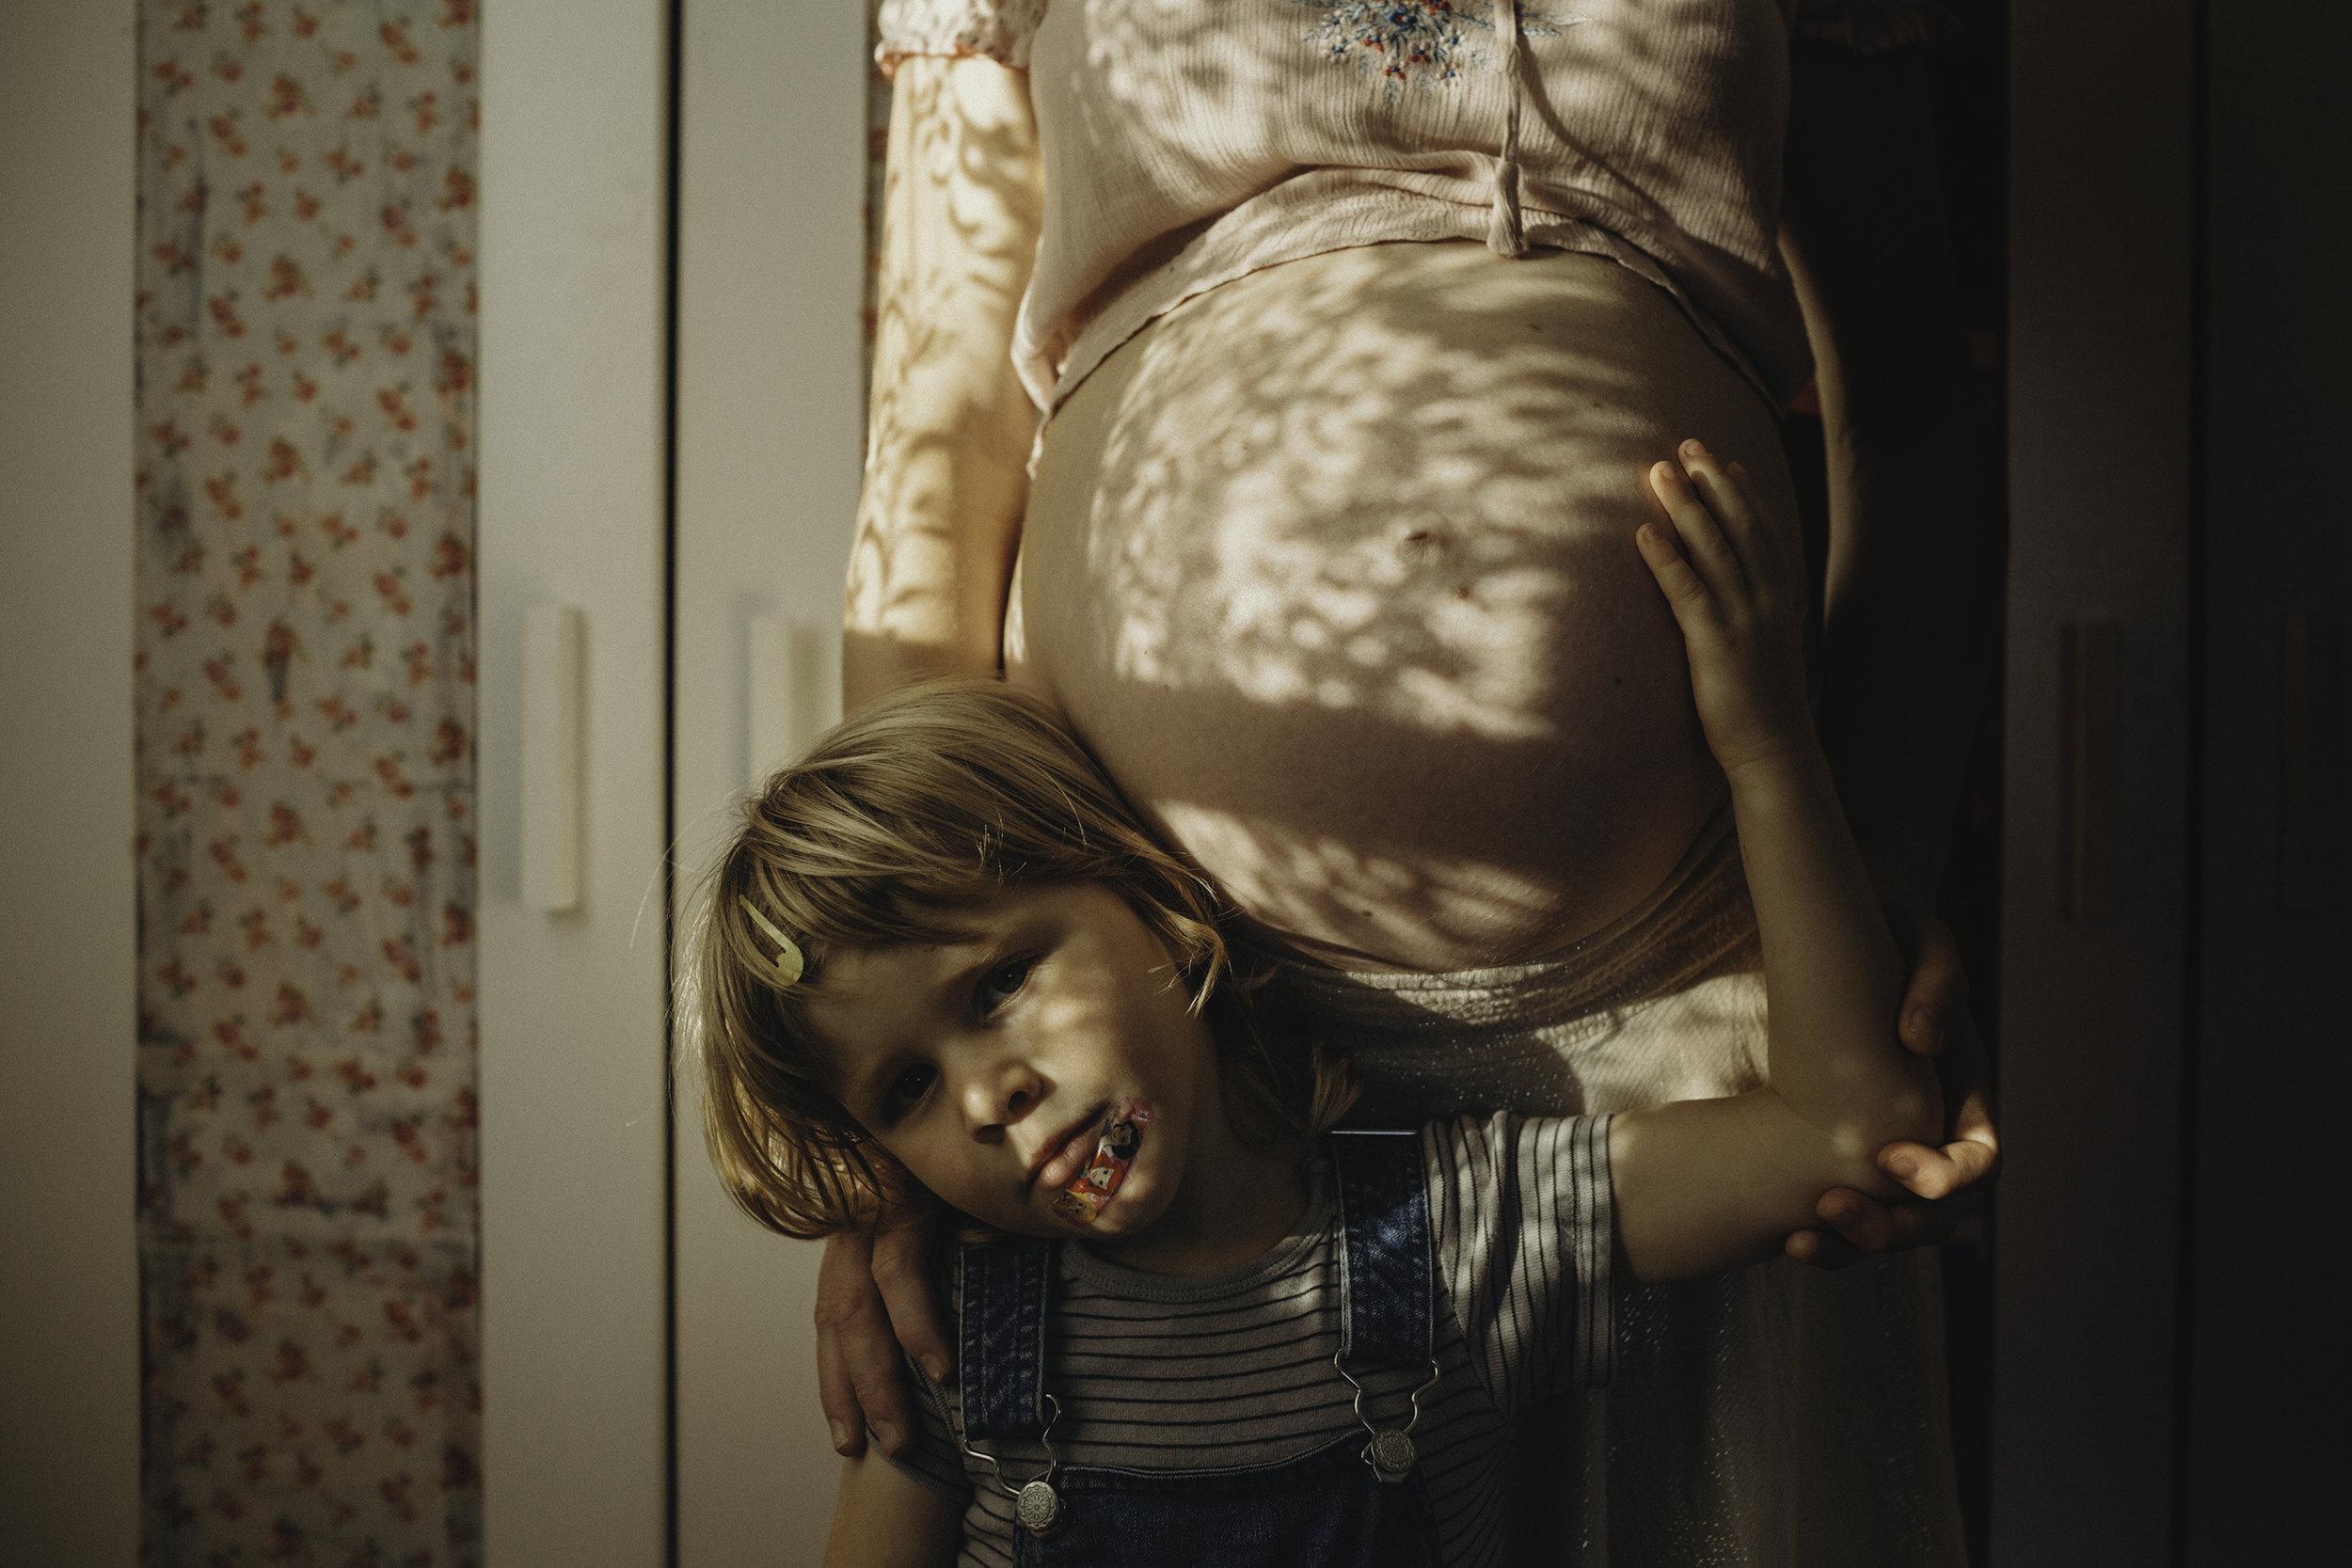 Miriam Ackroyd / Pregnancy and motherhood